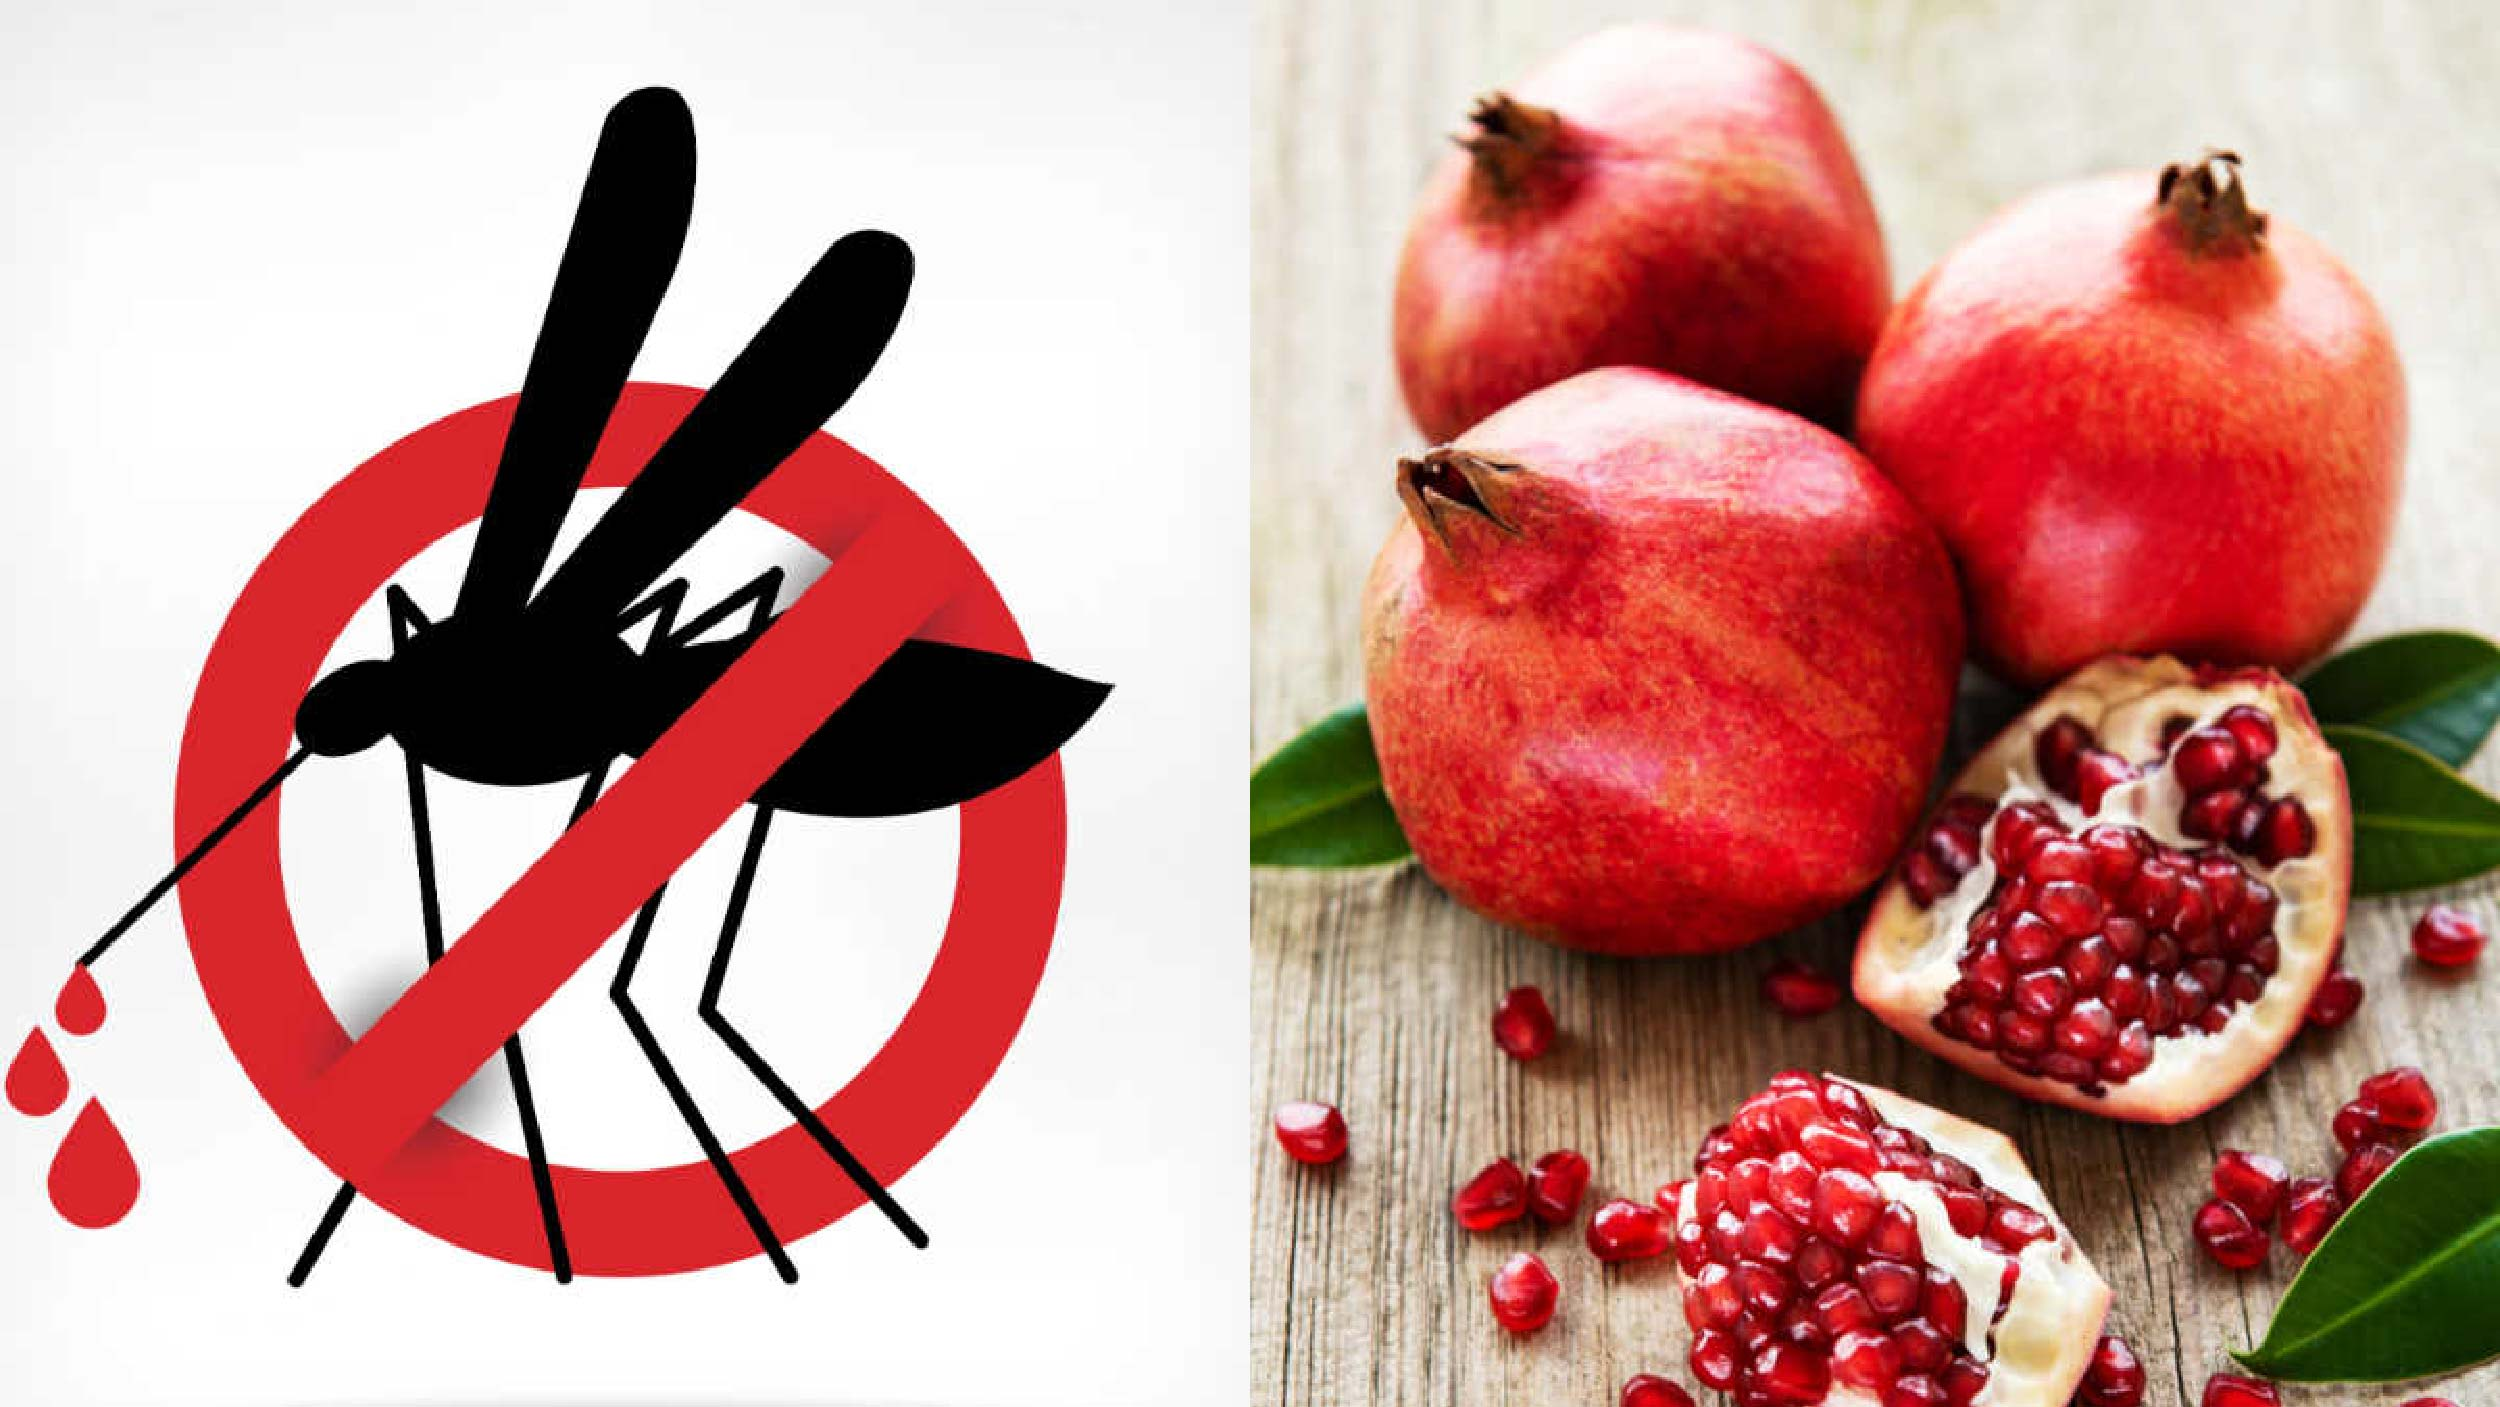 Sốt xuất huyết và Chế độ ăn uống lành mạnh cho người bệnh (3)